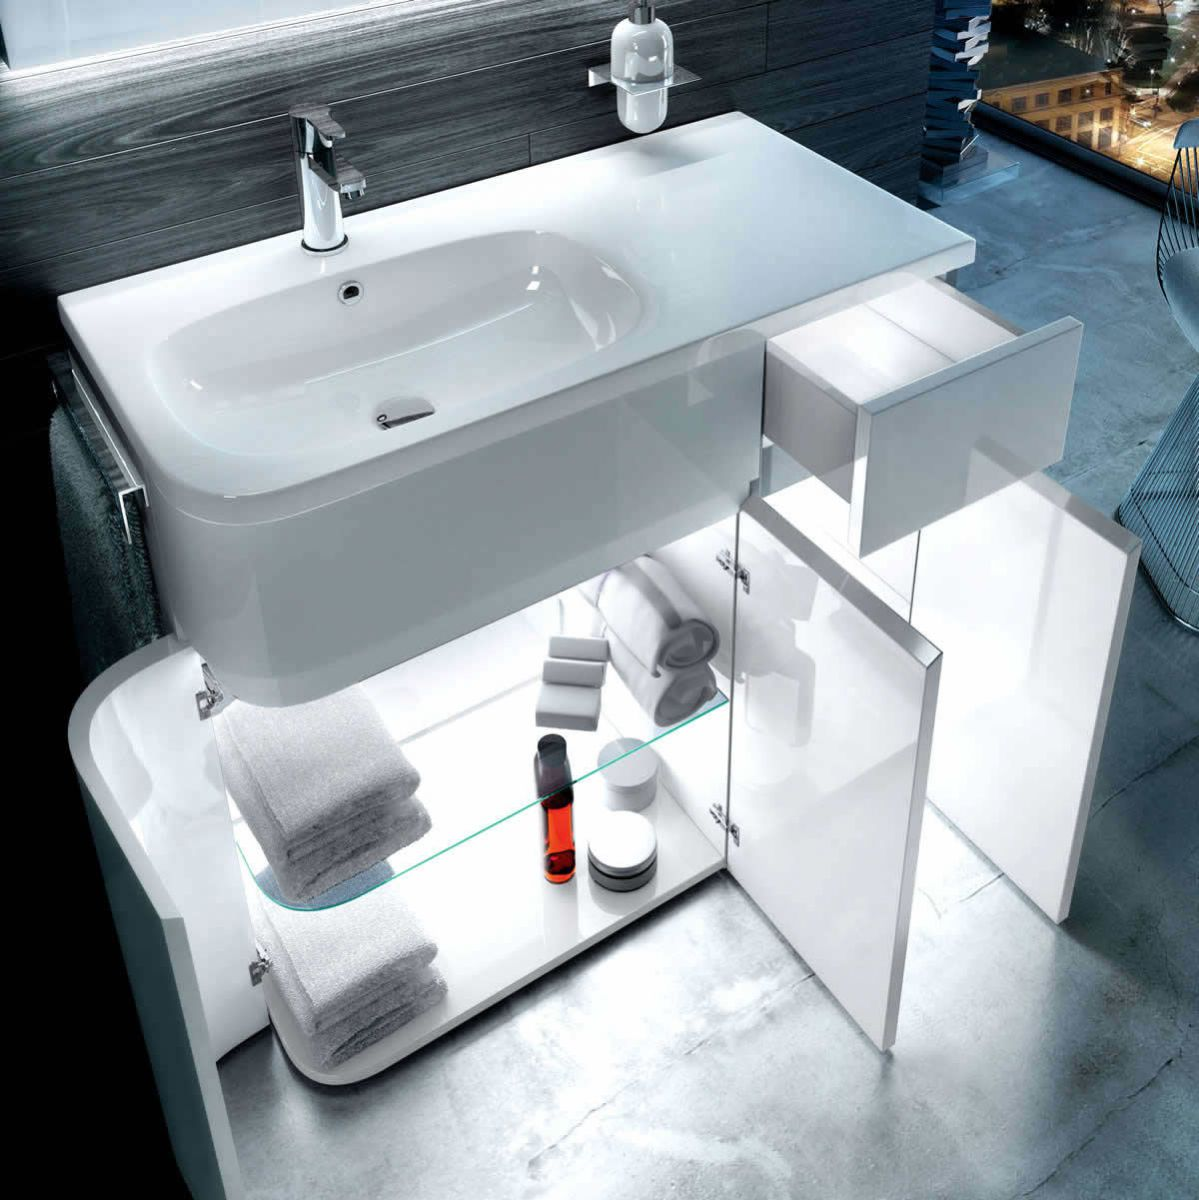 Aqua Cabinets D450 Arc Aqua Cabinets D450 Arc Bathroom Cabinet With Basin  900mm : UkBathrooms